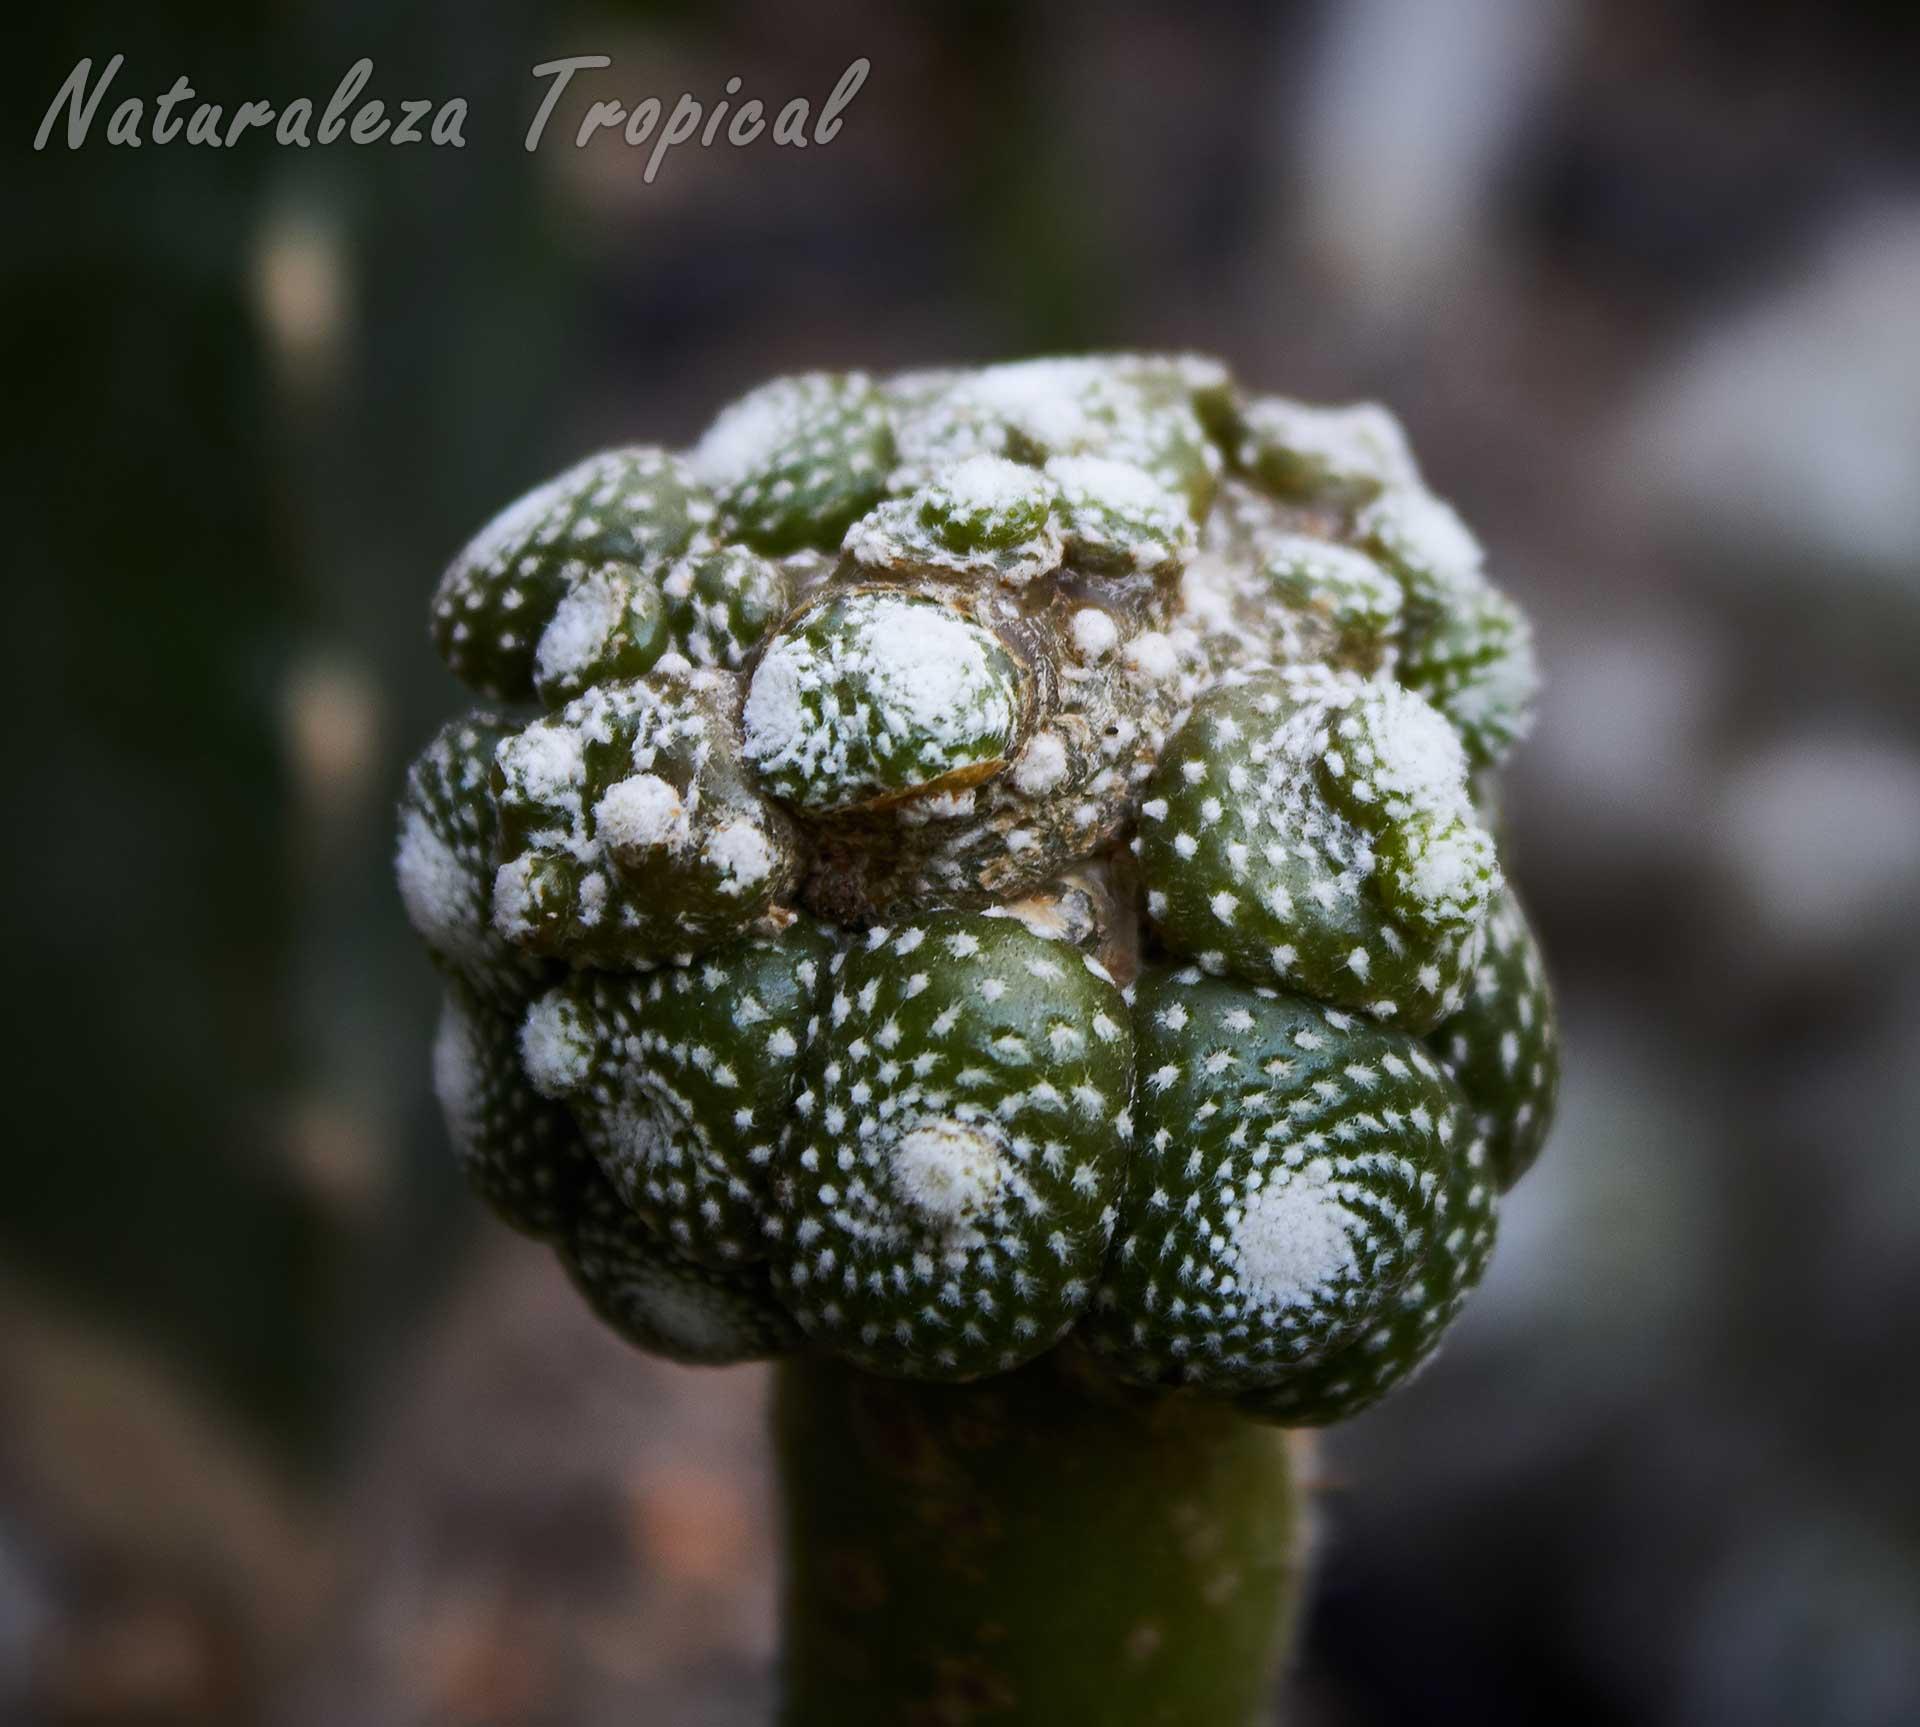 Vista de una pequeña colonia del cactus Blossfeldia liliputana (injerto)